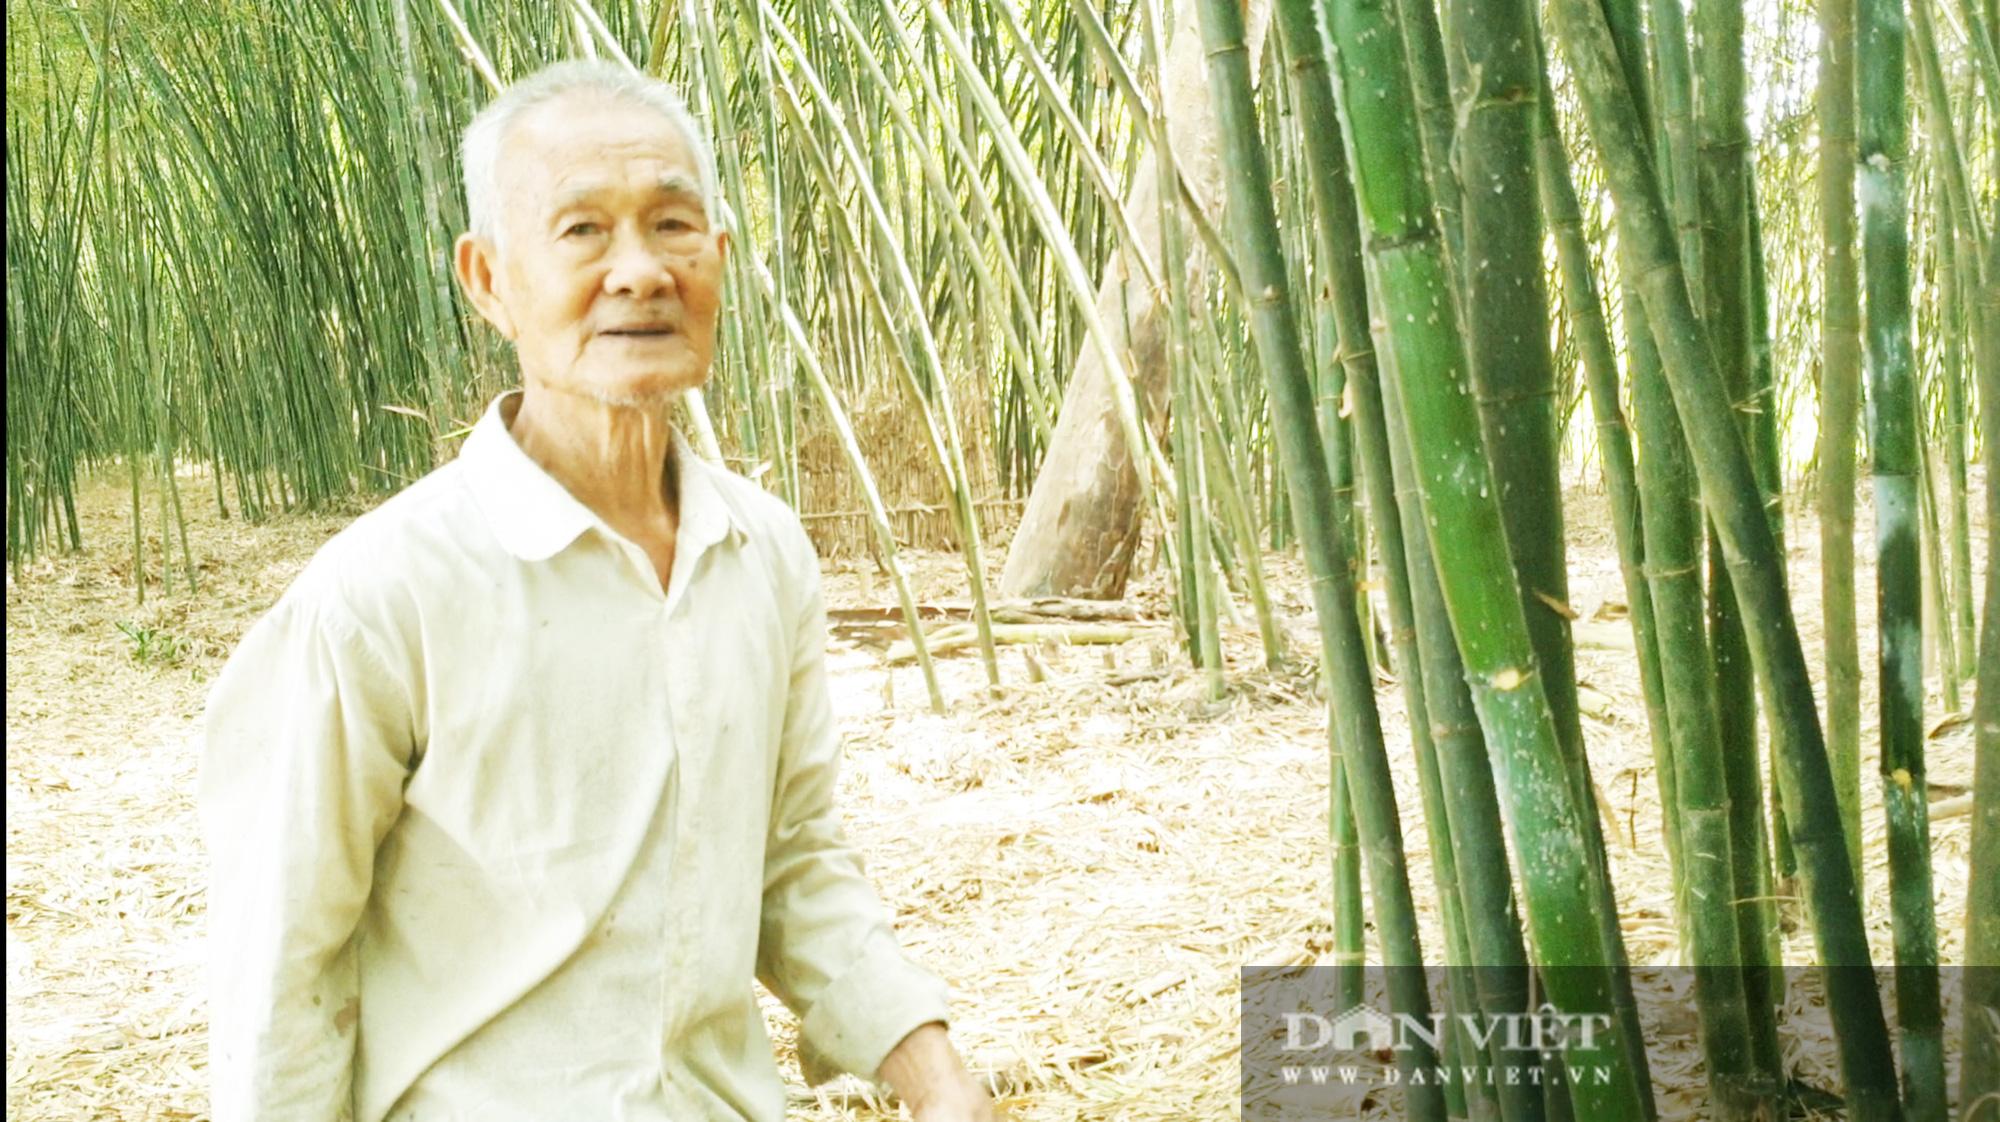 Khám phá vườn tre đẹp nhất miền Tây của lão nông 85 tuổi - Ảnh 9.